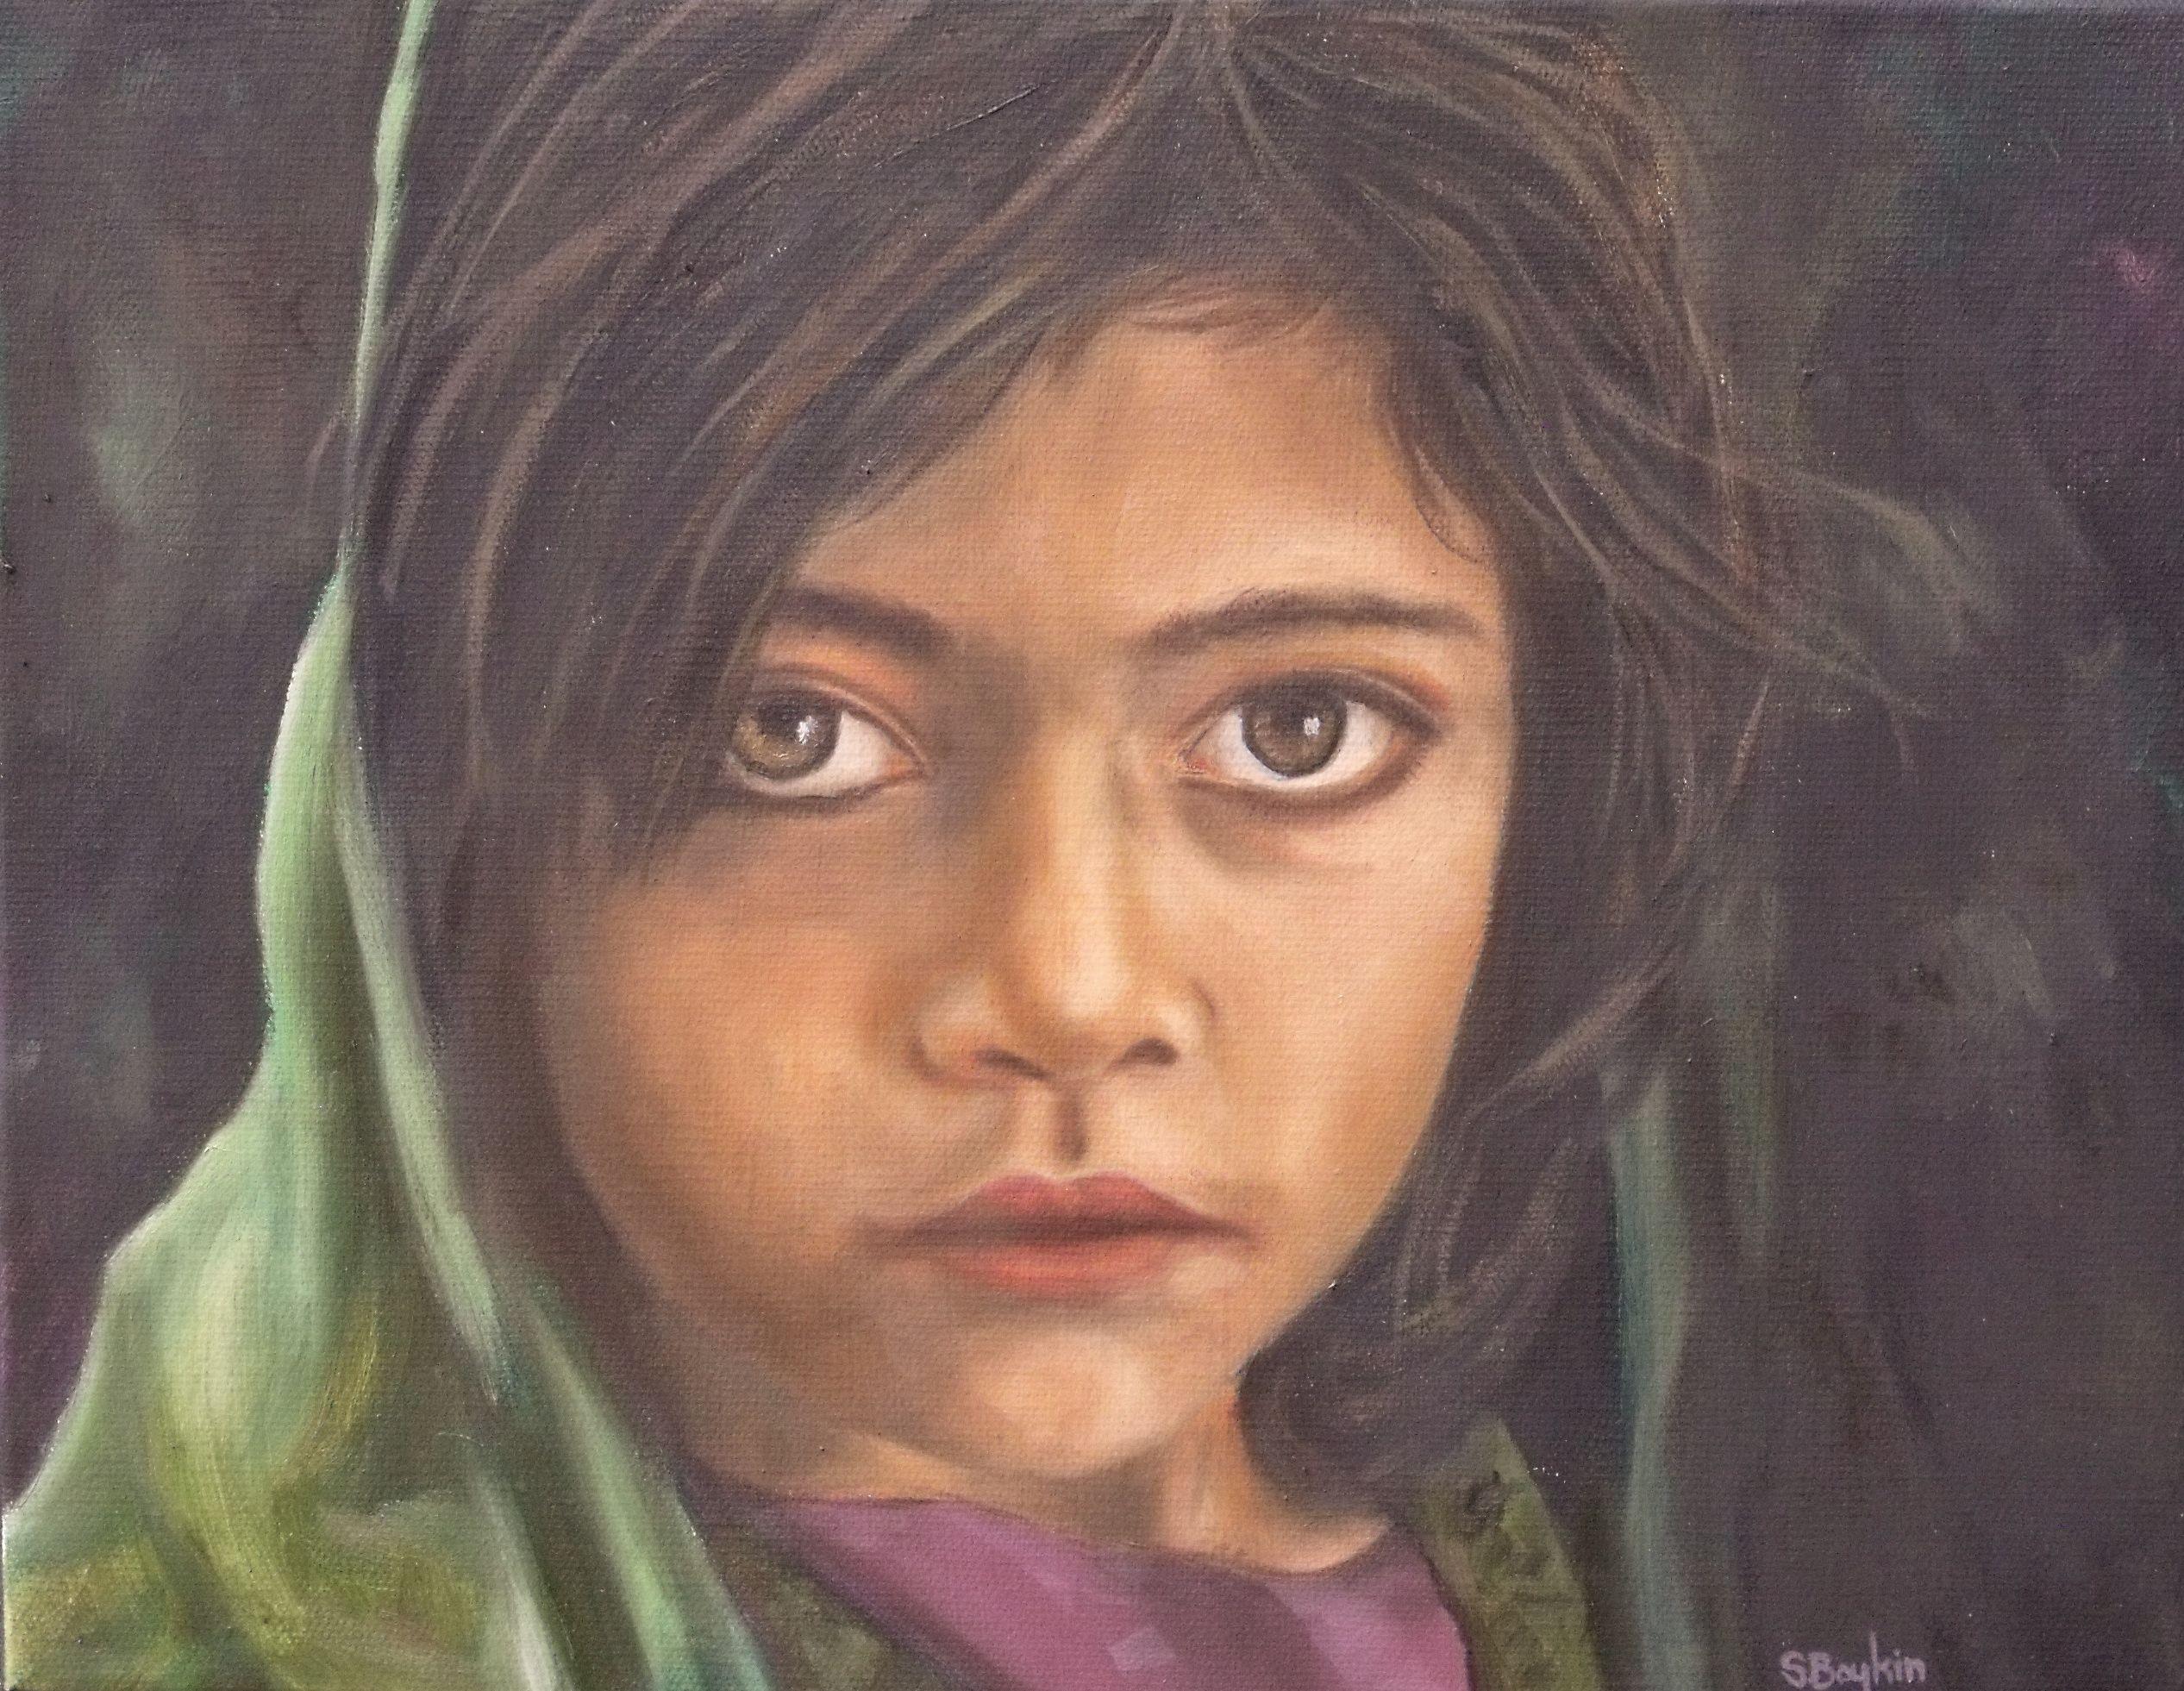 The Armenian Girl by Steve Boykin